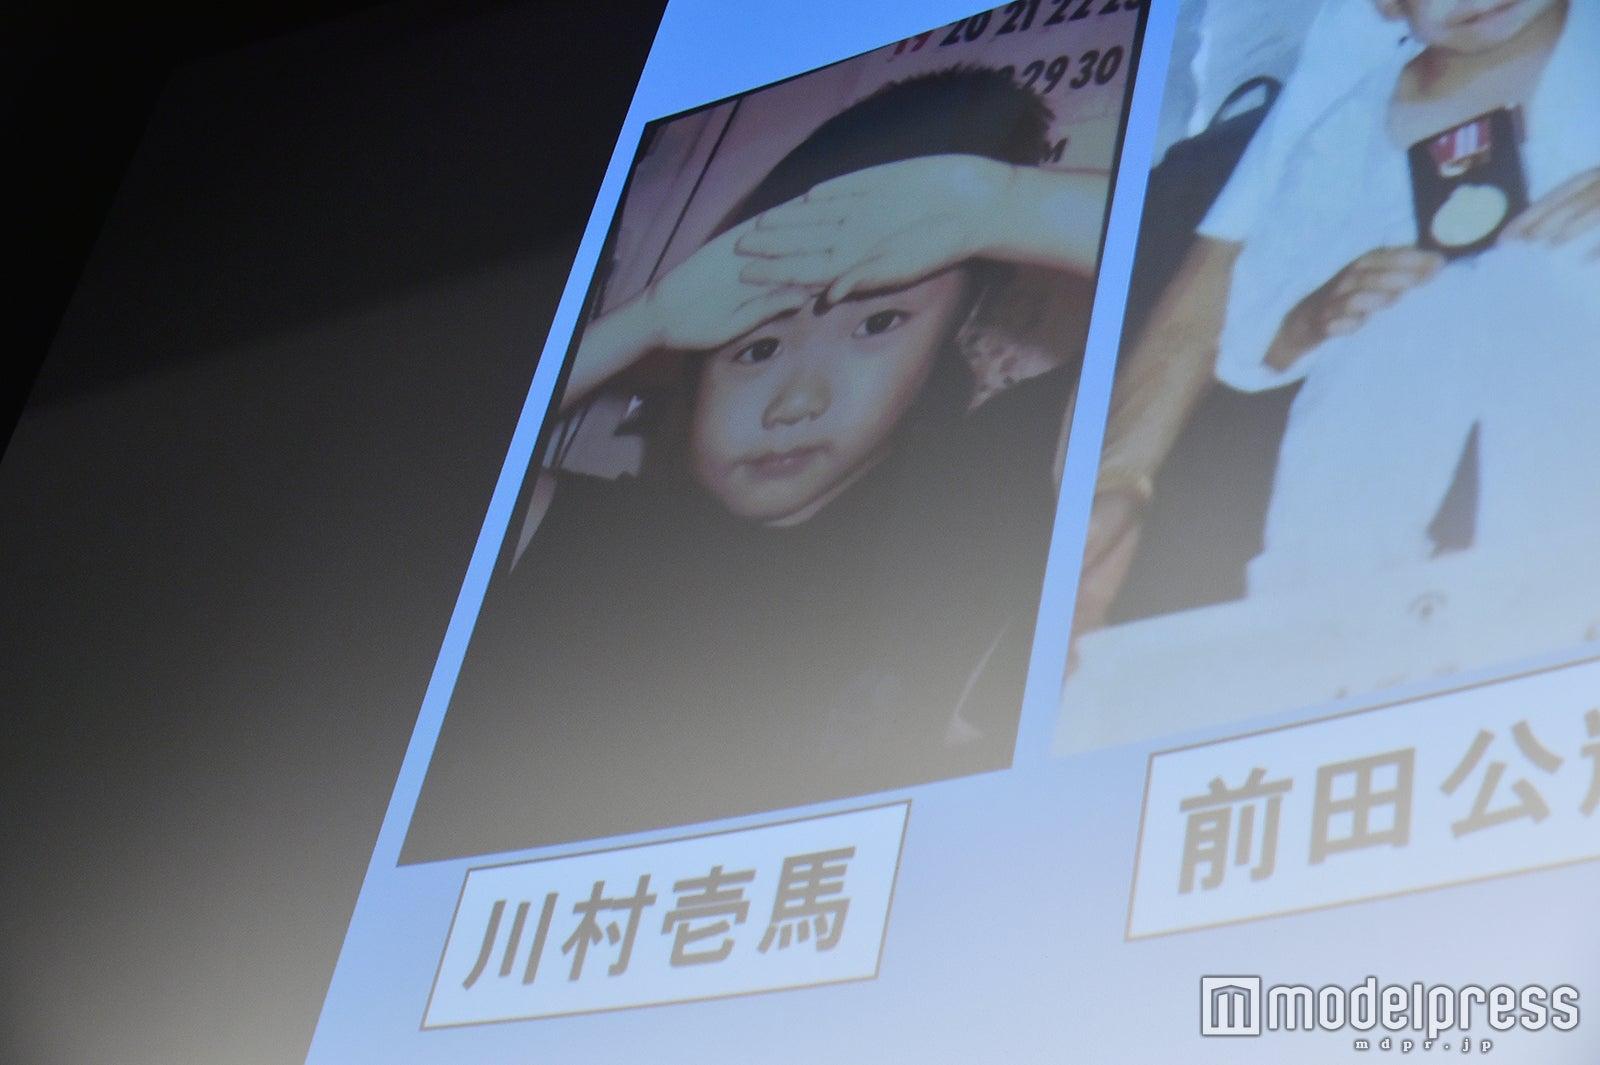 川村壱馬の幼少期の写真 (C)モデルプレス